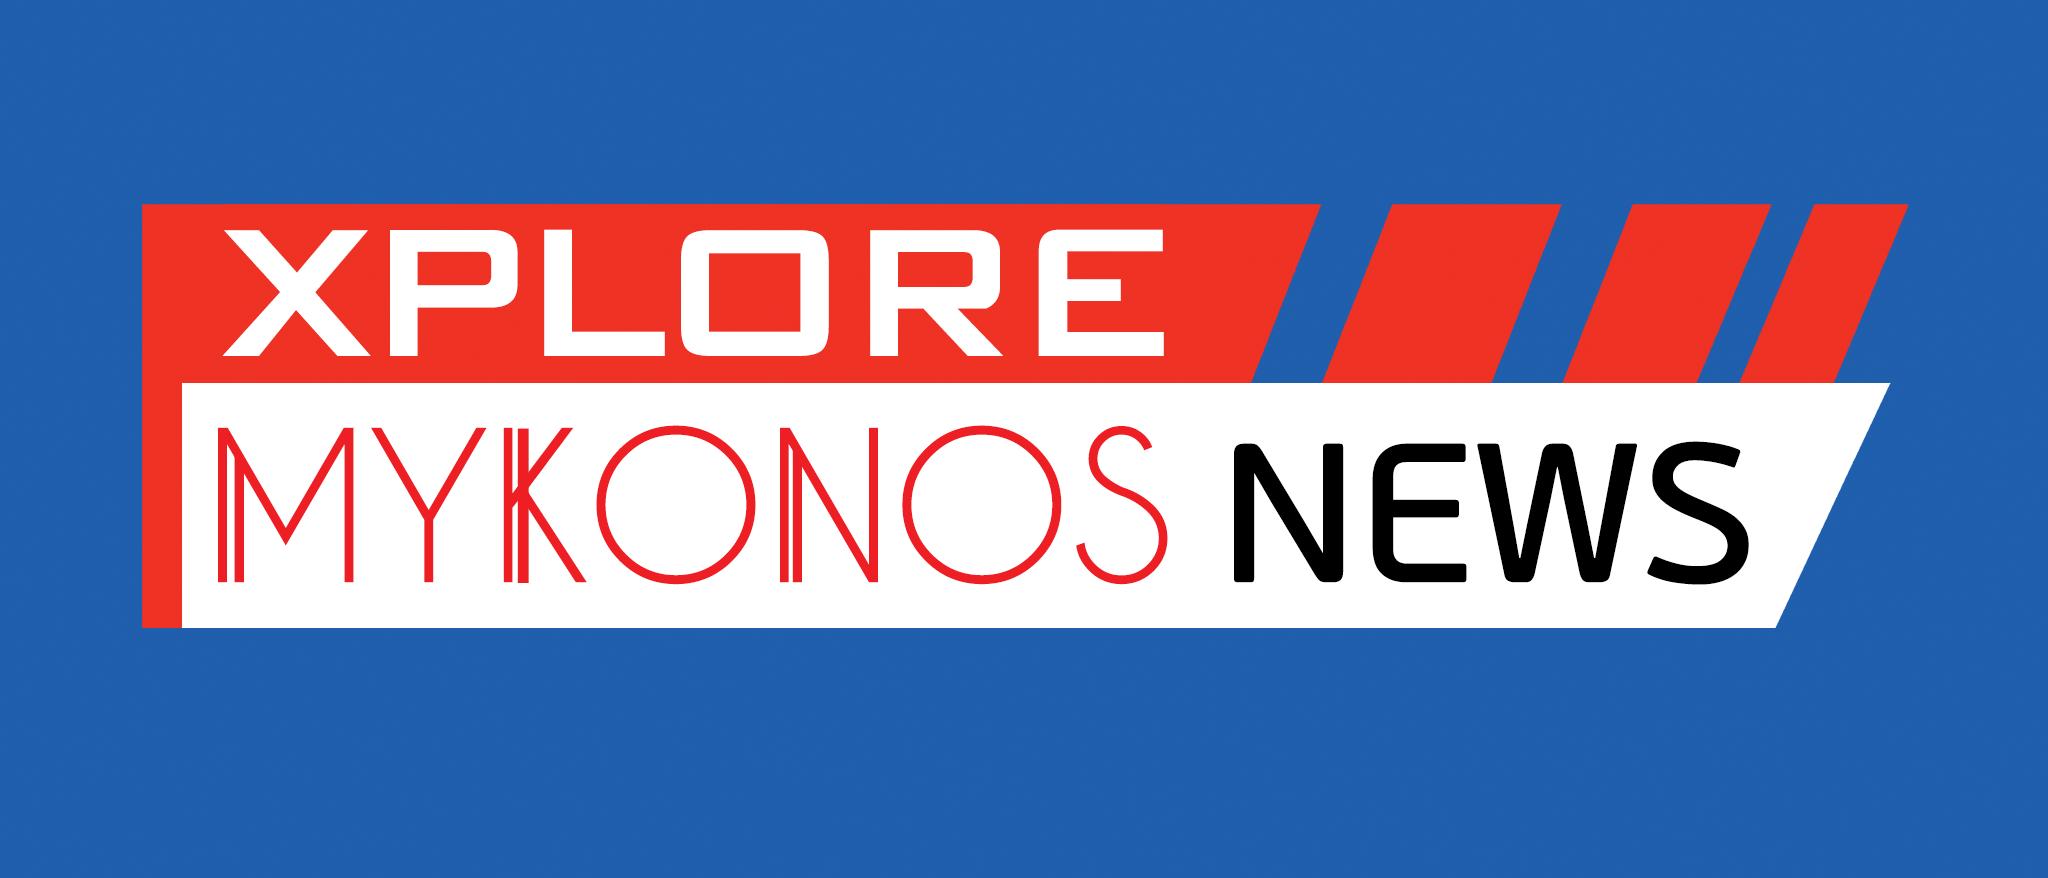 Μύκονος Ειδήσεις | Μύκονος Ενημέρωση | Νέα Μυκόνου | Xplore Mykonos News